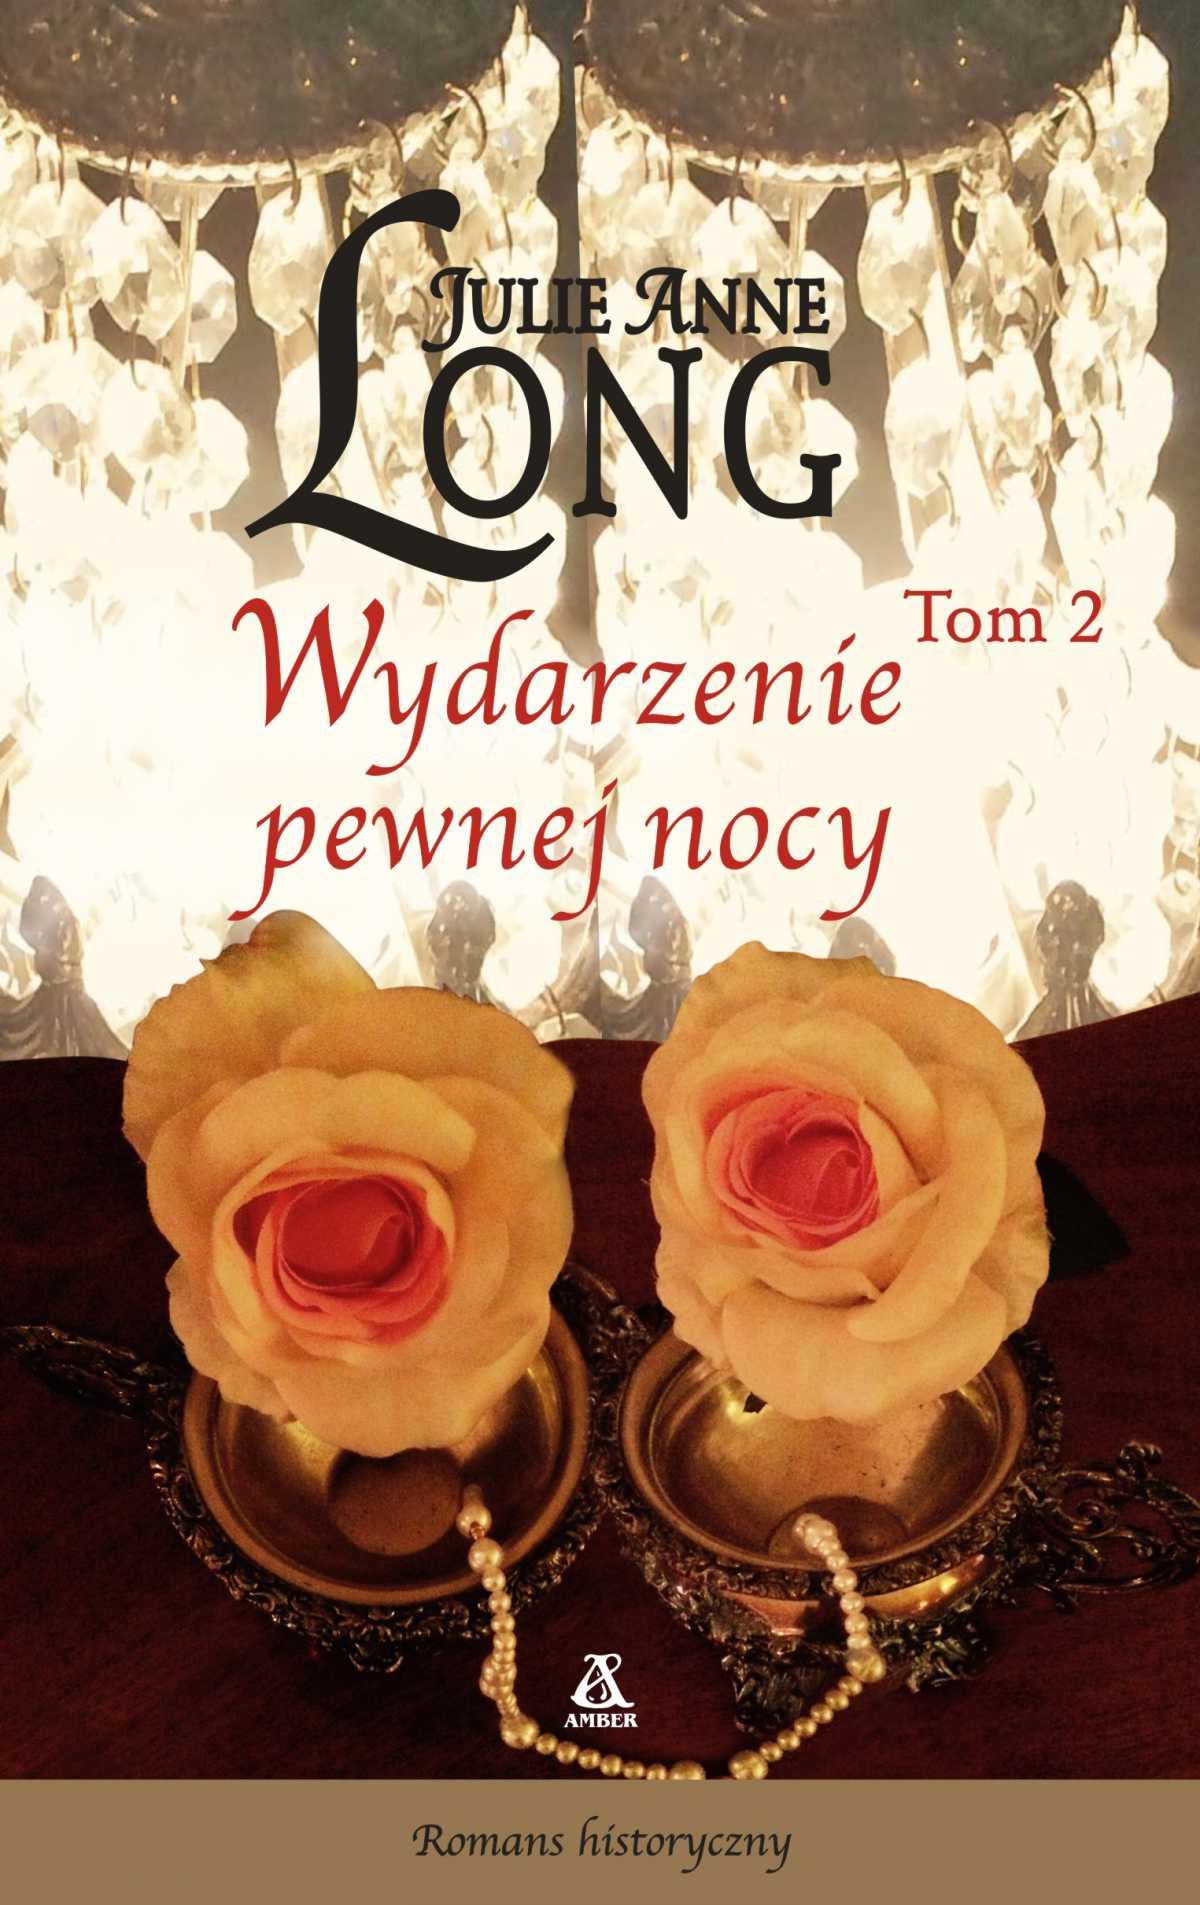 Wydarzenie pewnej nocy. Tom 2 - Ebook (Książka na Kindle) do pobrania w formacie MOBI